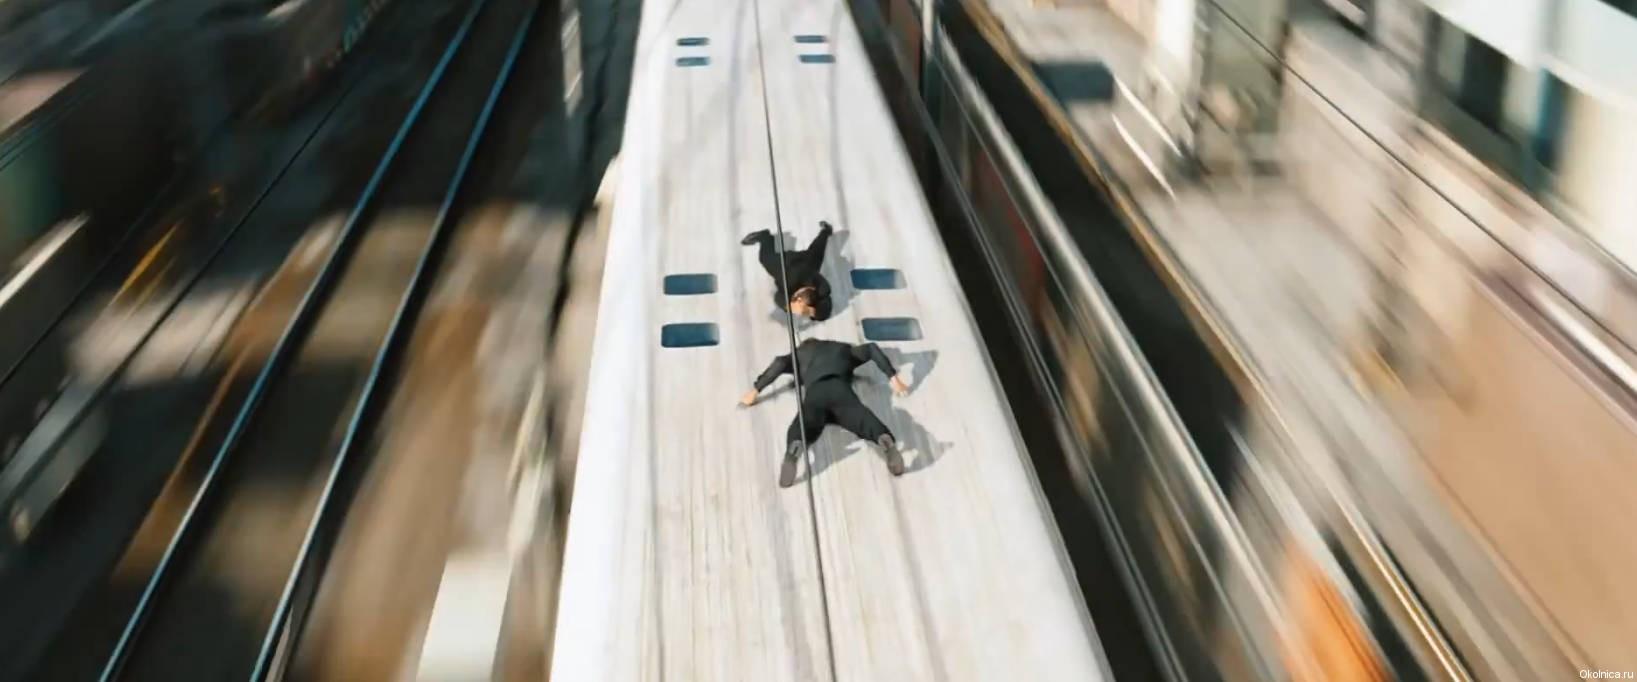 сцена с поездом